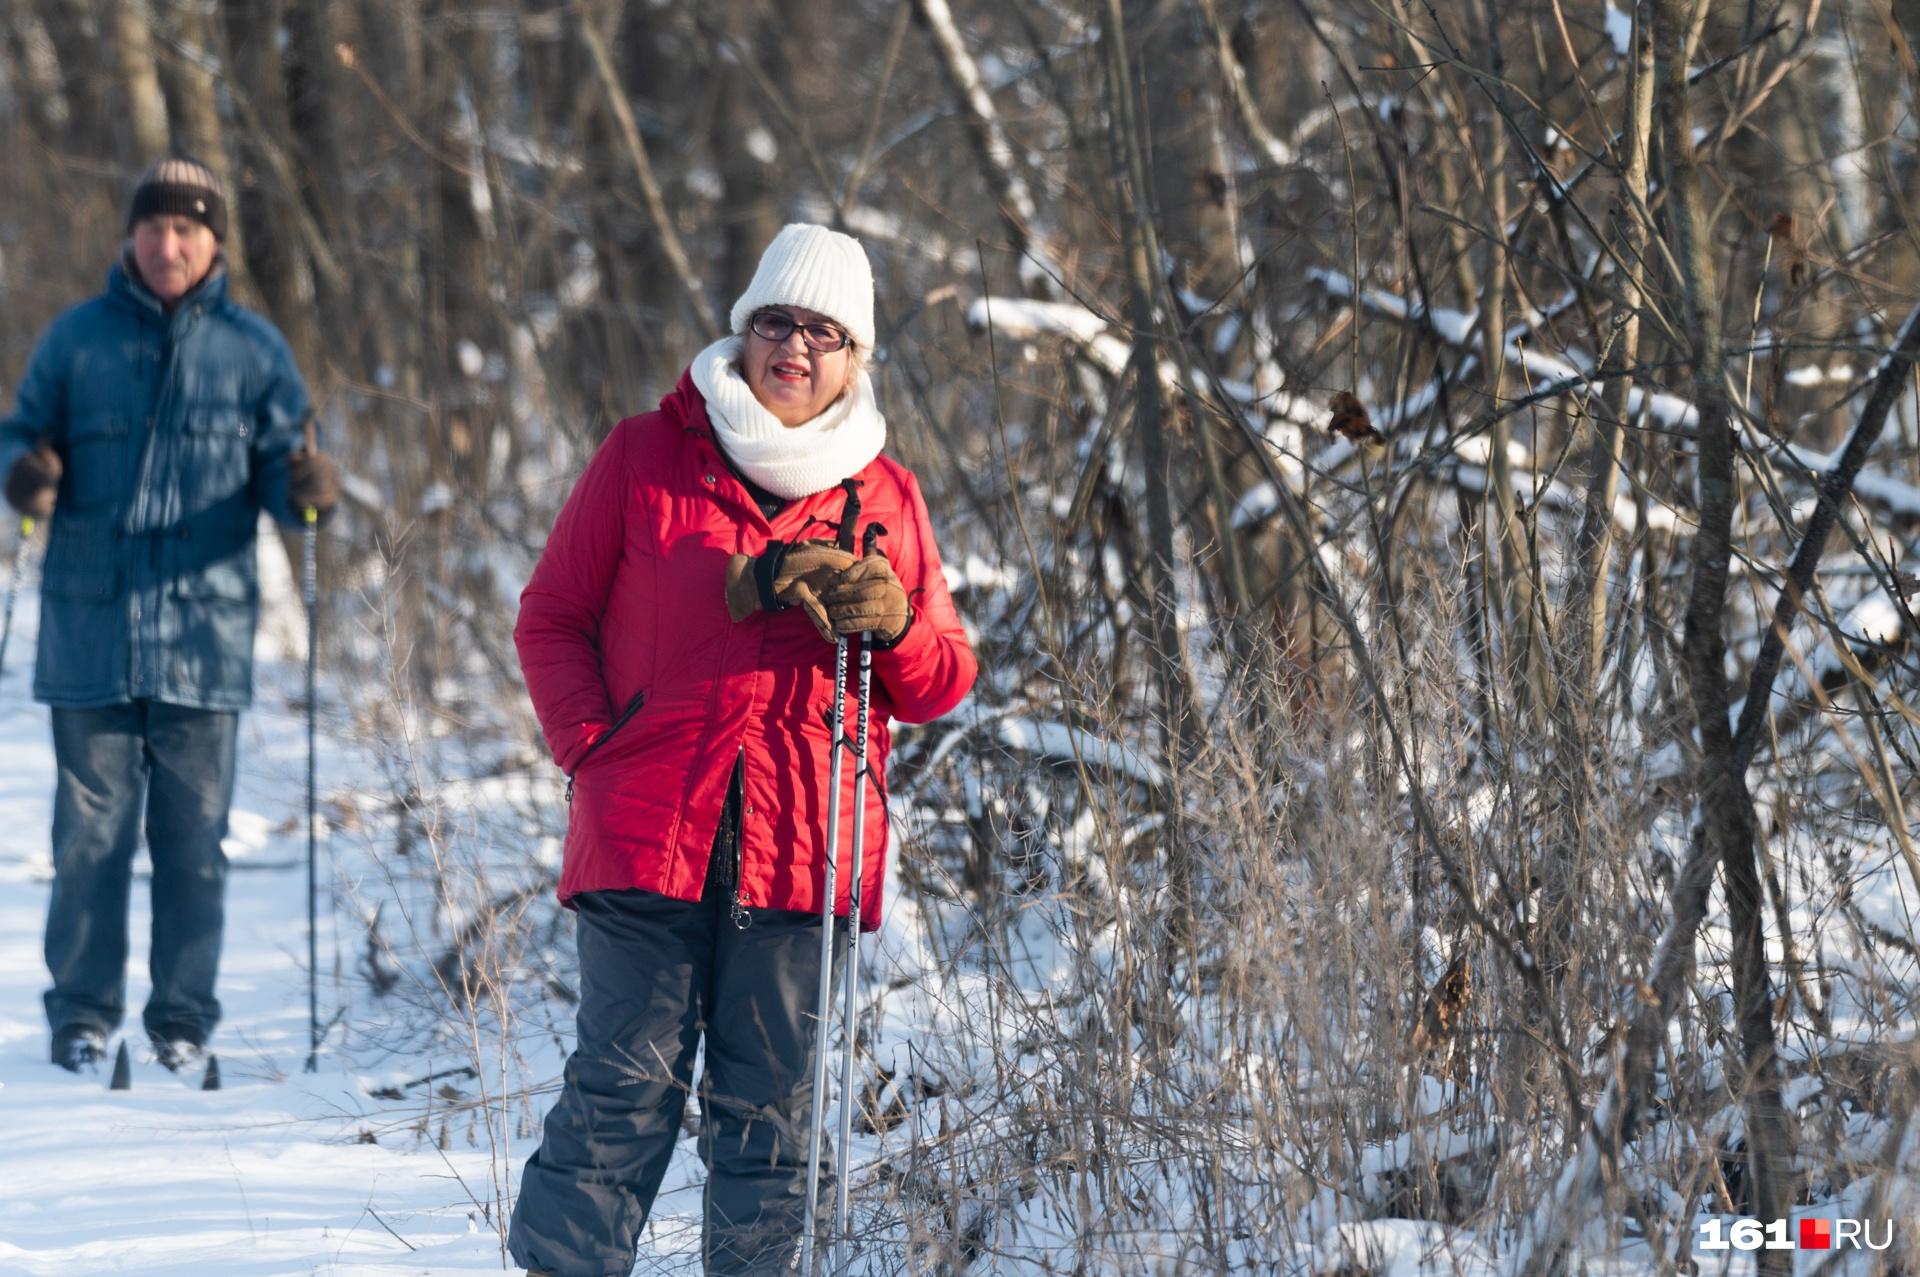 В снежное время года в лесу можно встретить лыжников